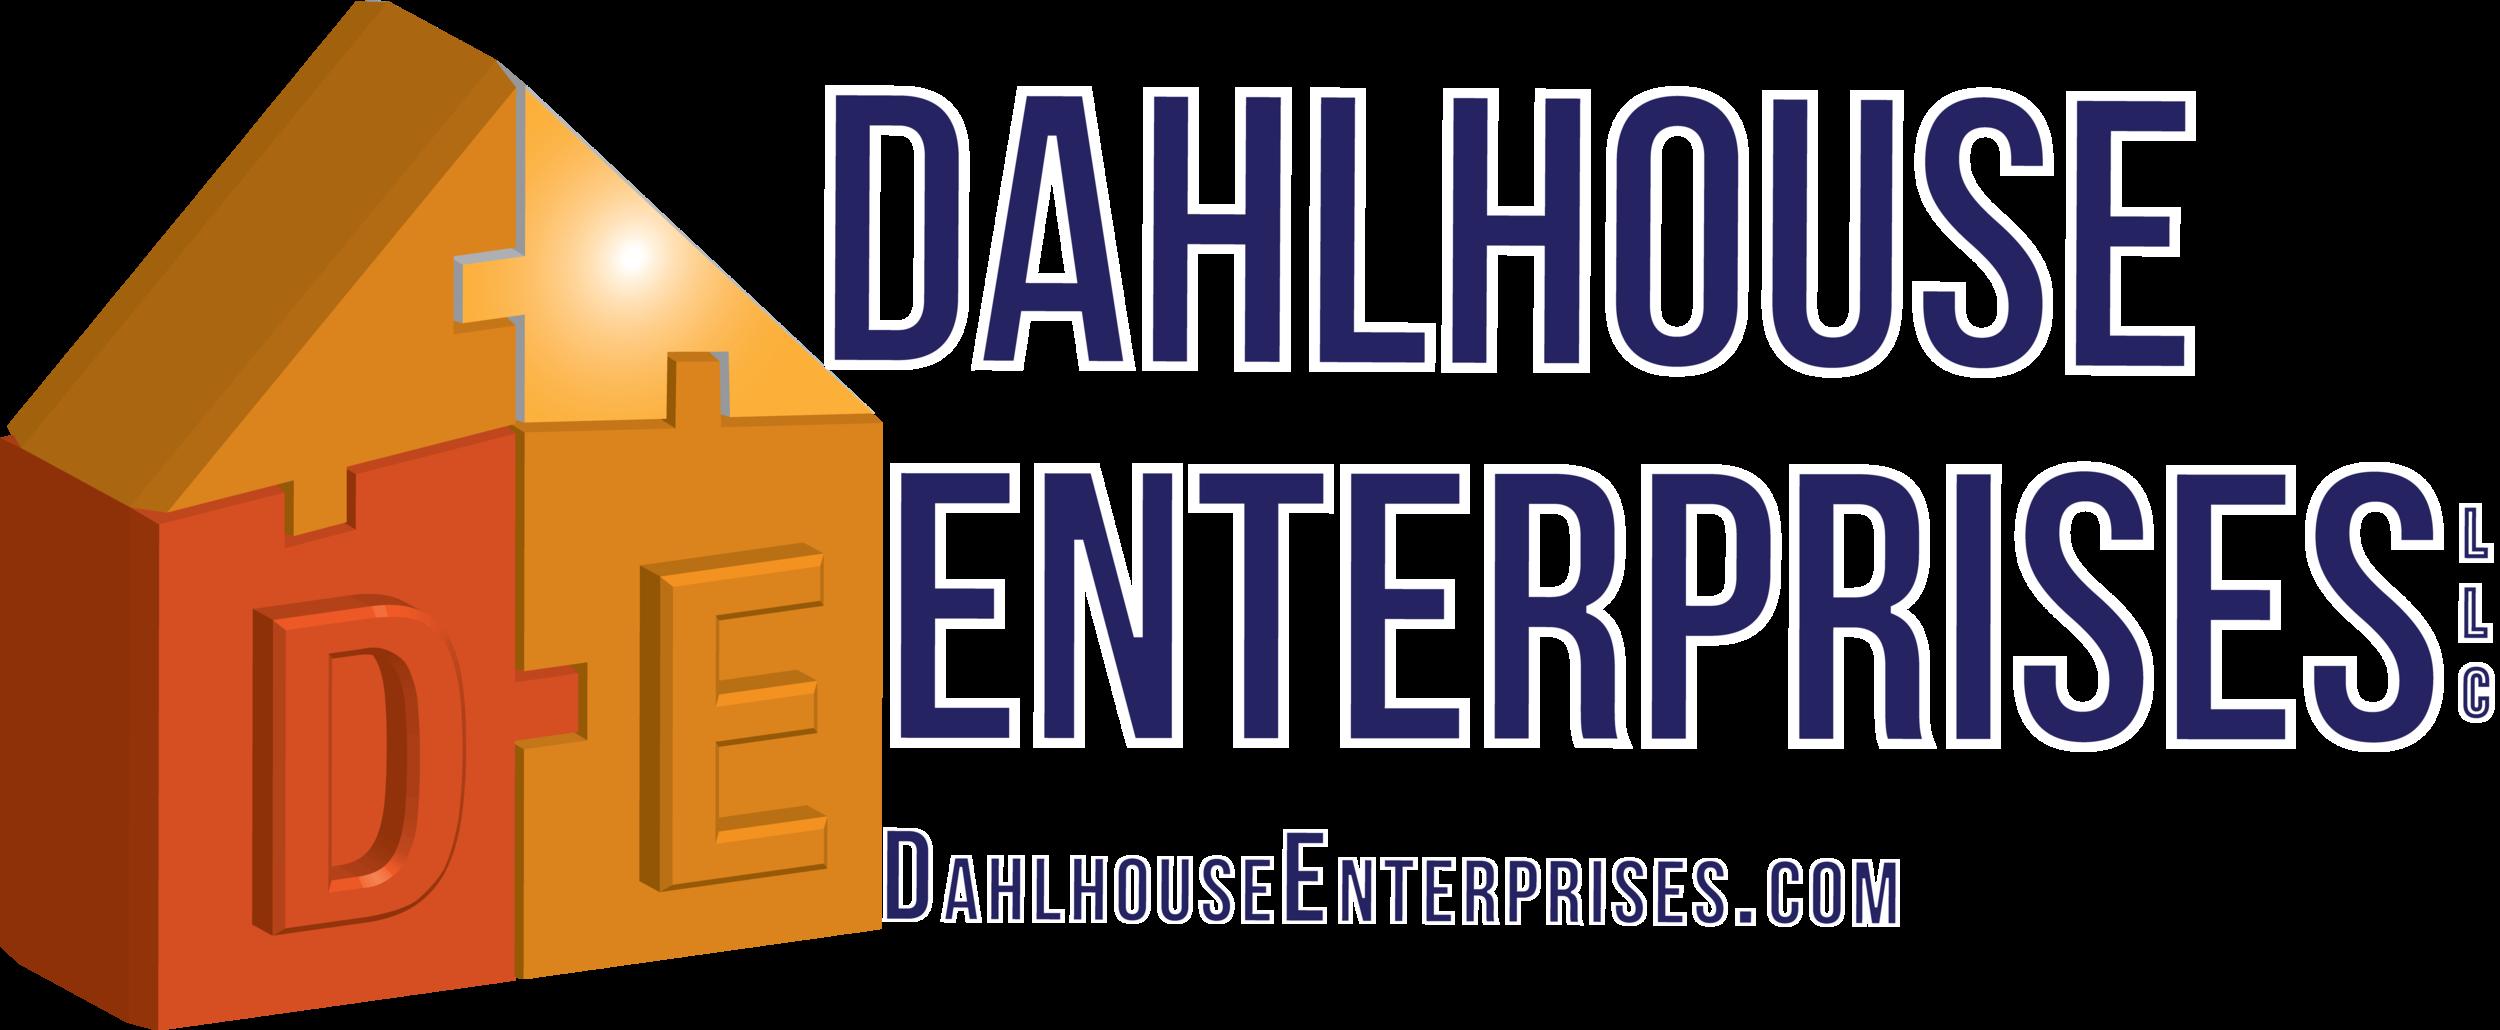 Dahlhouse Logo horiz.png